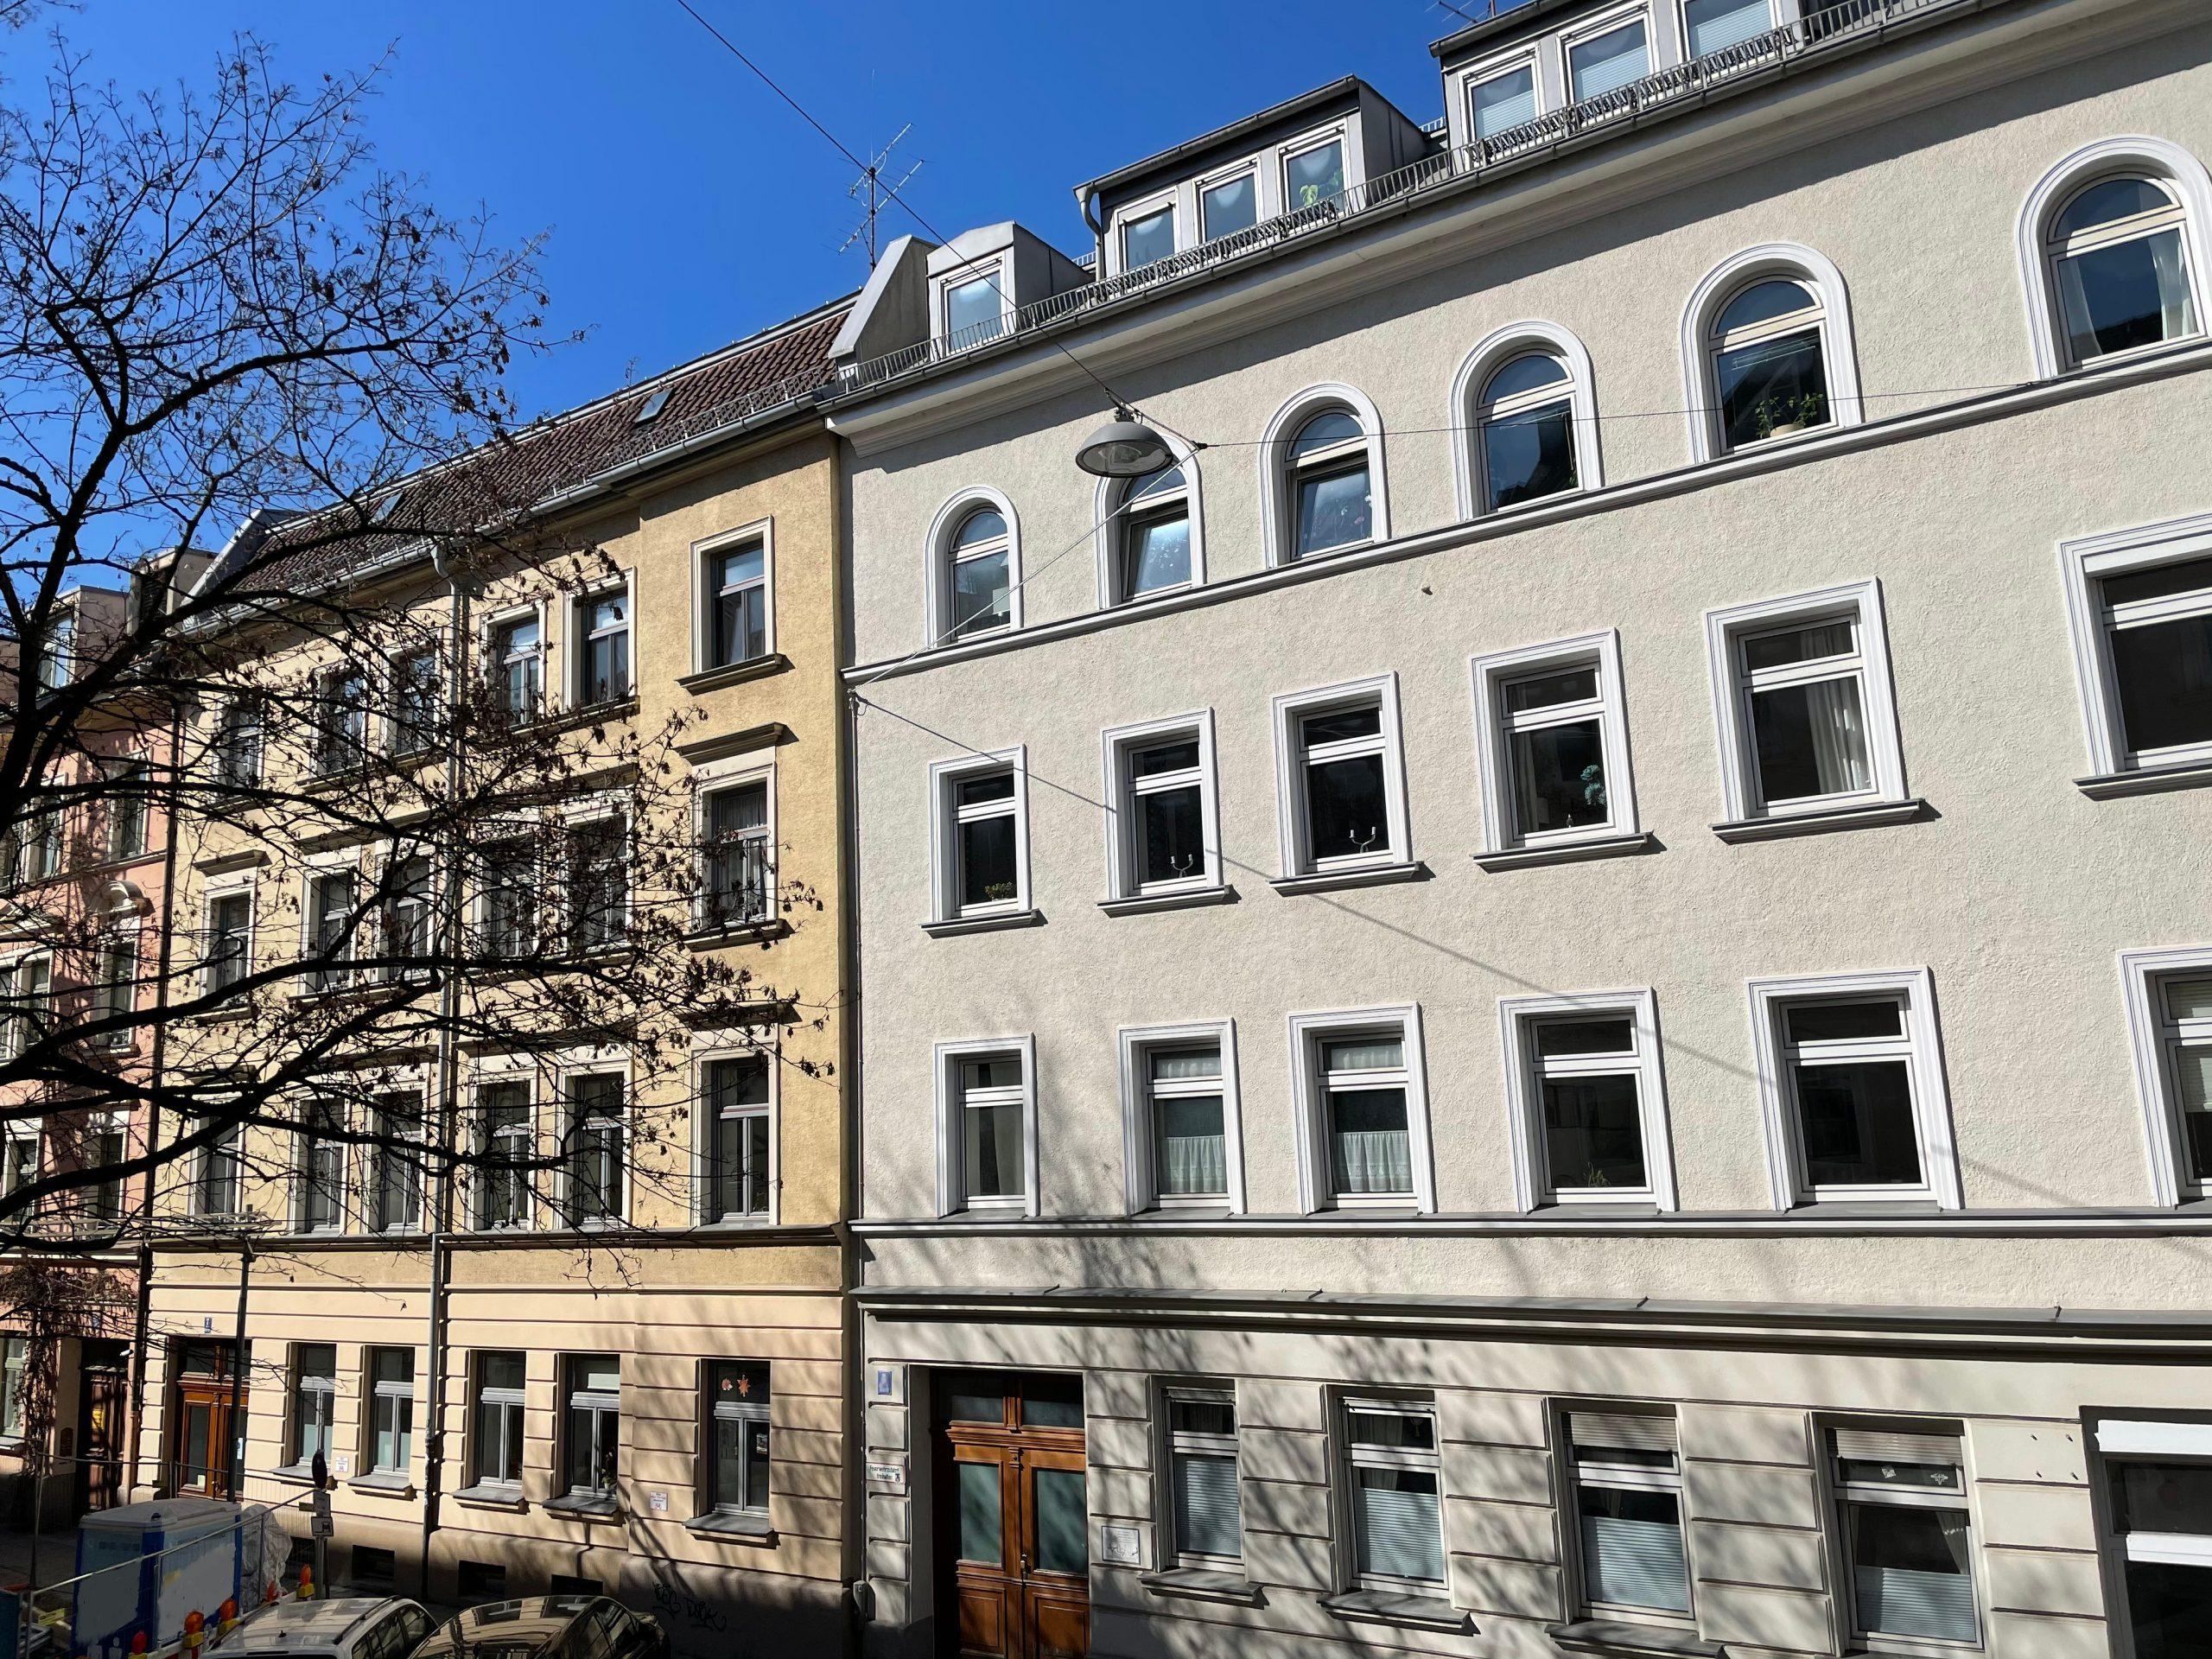 Hausverwaltung Altbau München Haidhausen